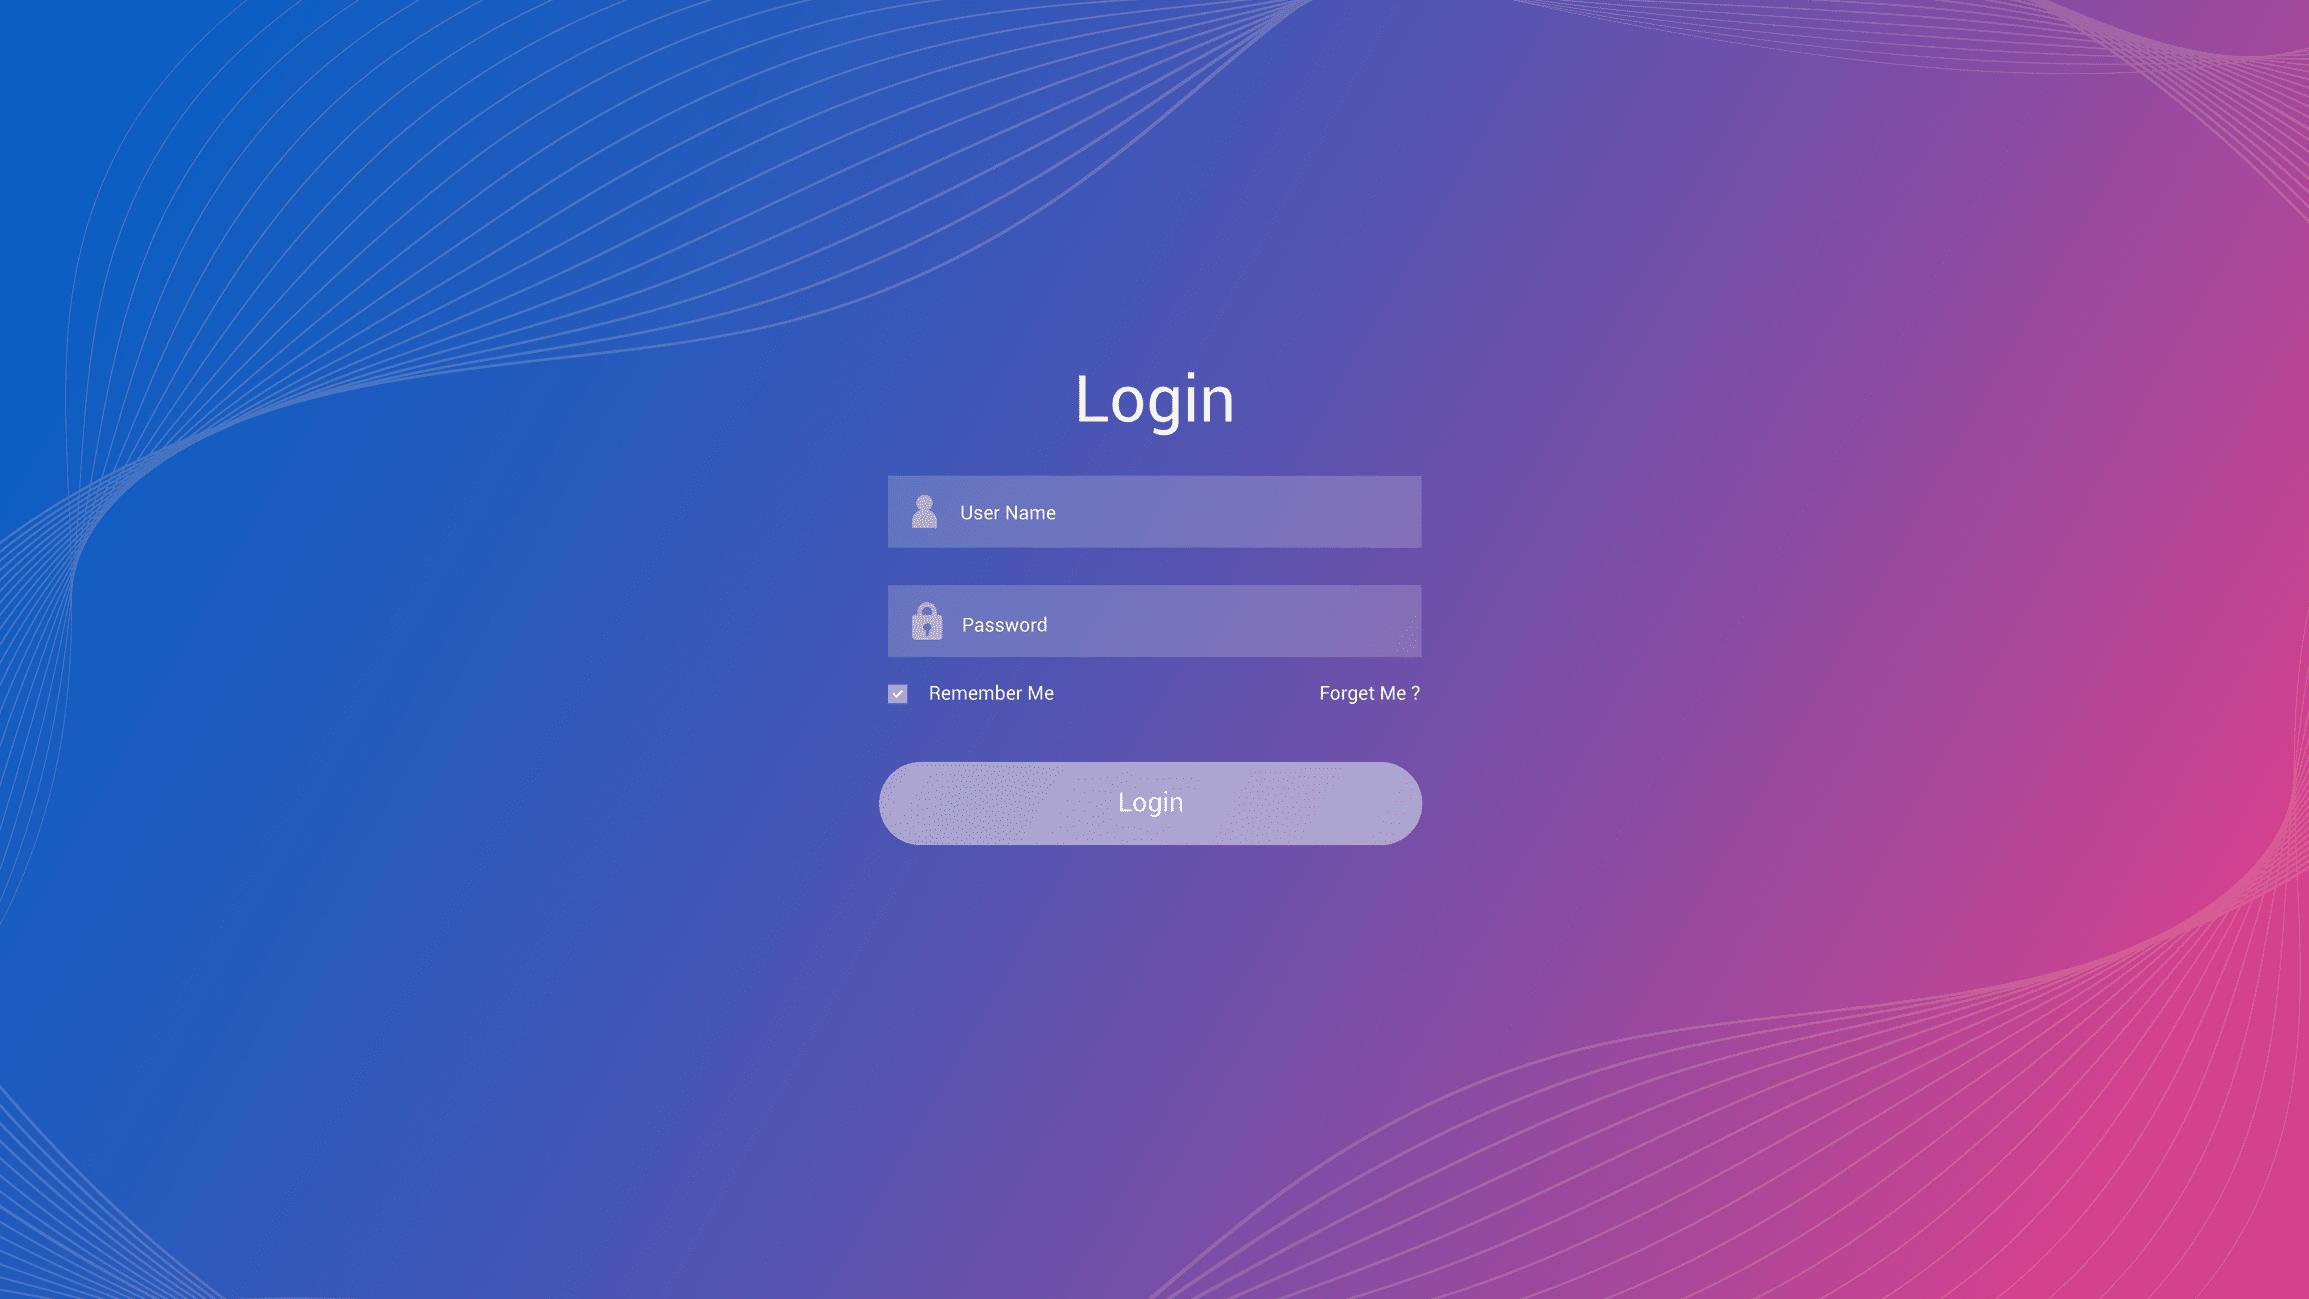 The windows login screen